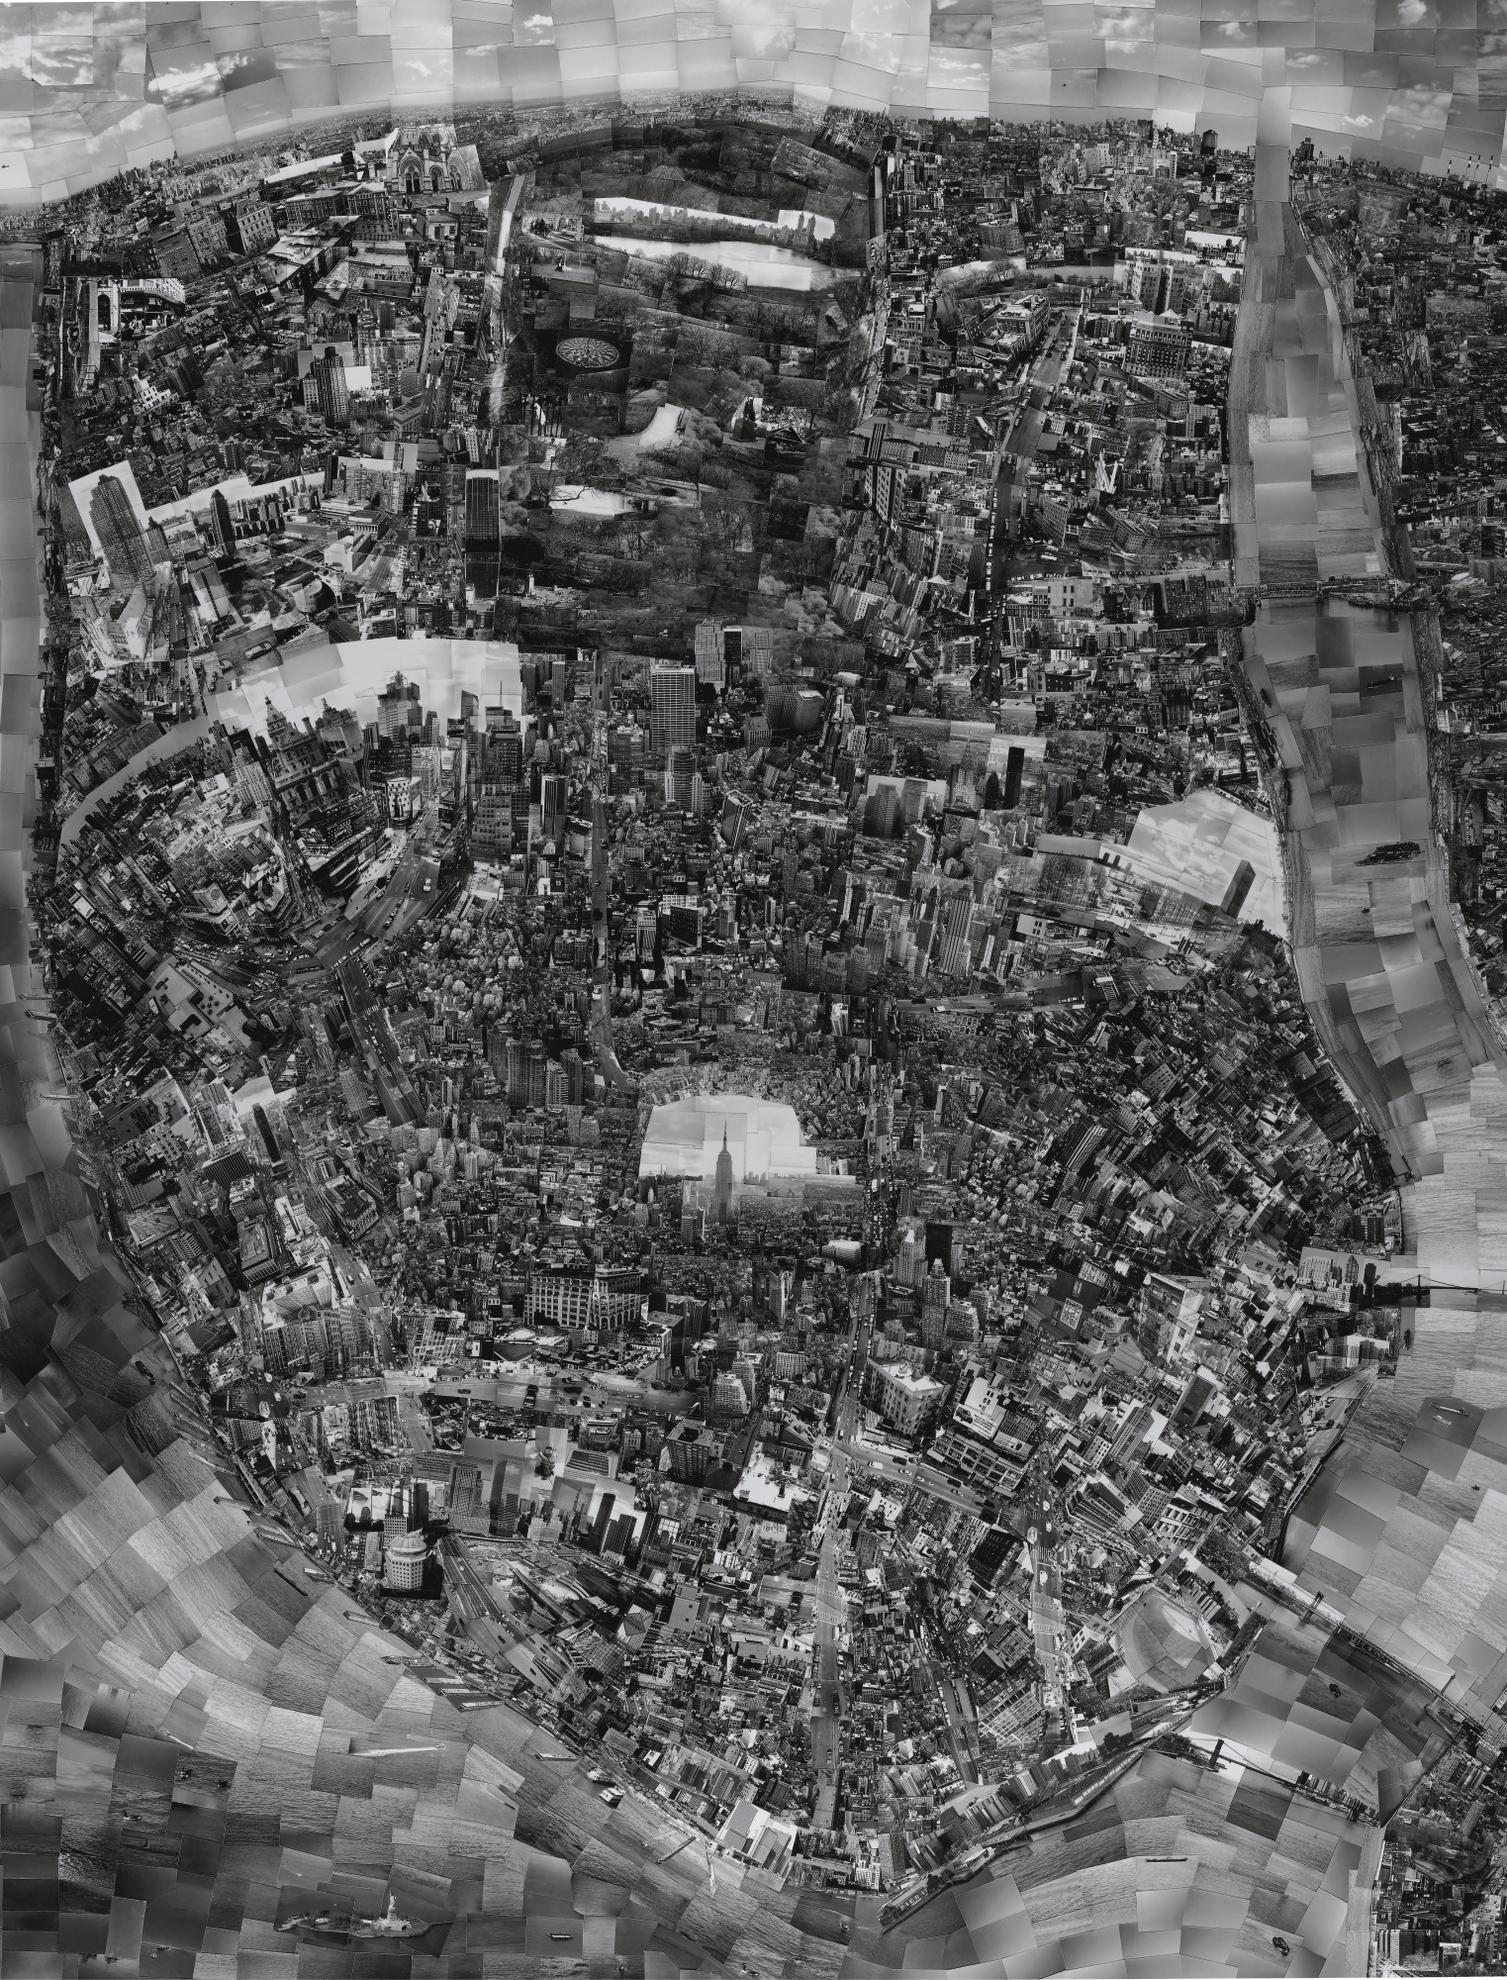 Sohei Nishino-Diorama Map, New York-2006